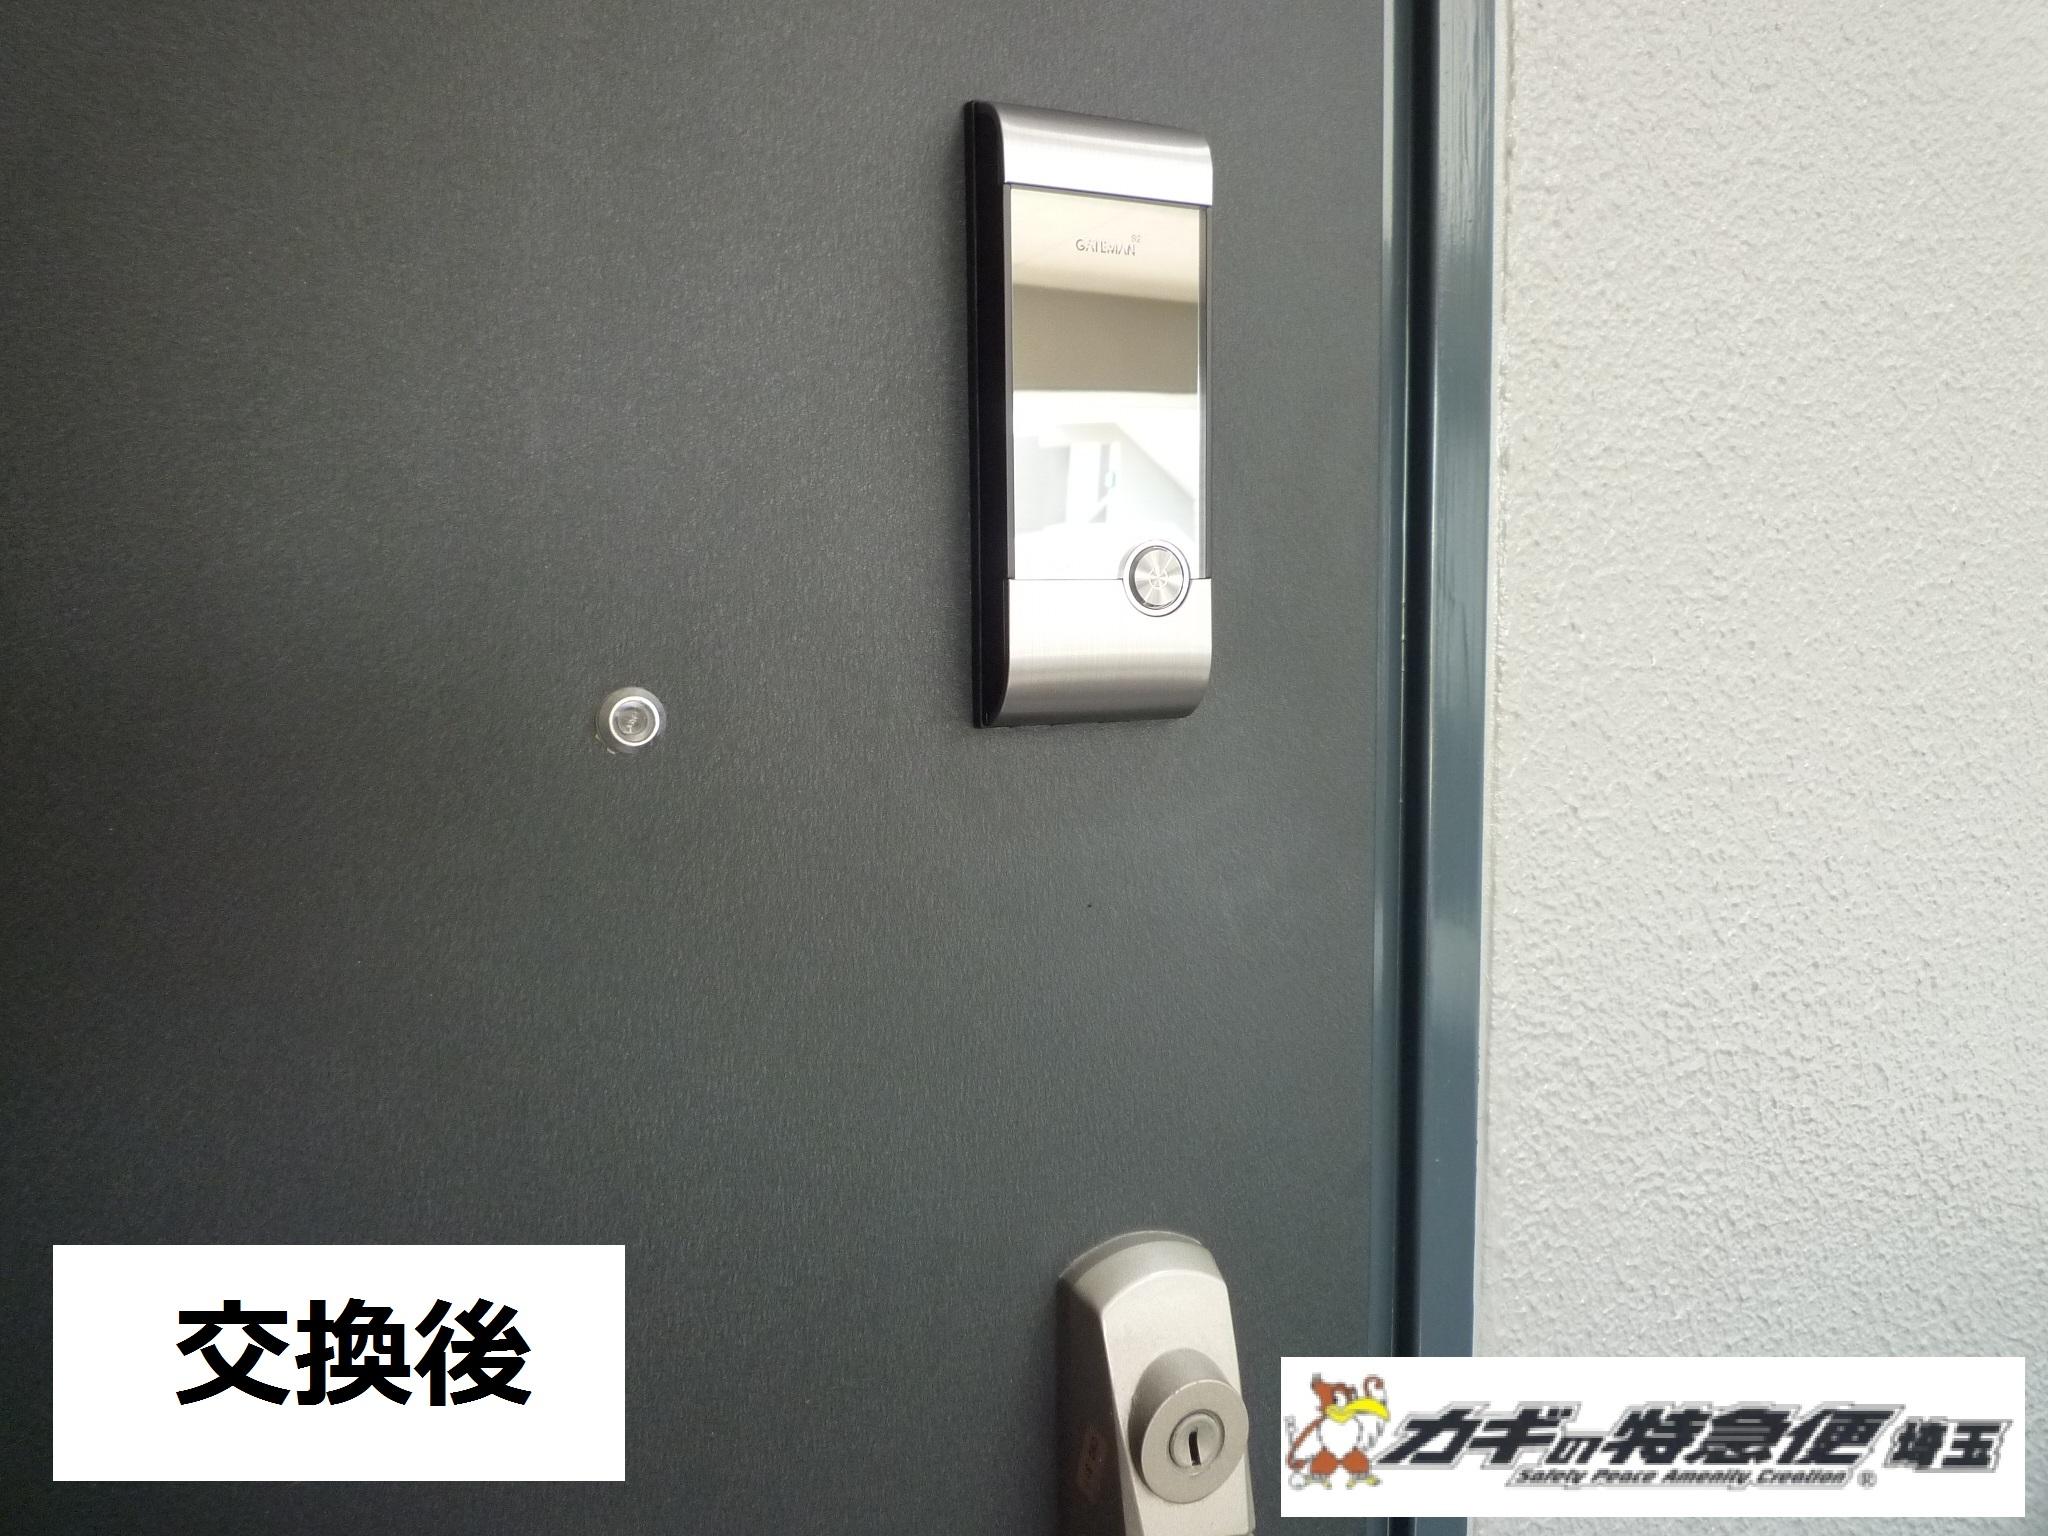 電気錠システムの修理・交換(東京都杉並区で電子錠の交換修理 新生デジタルからの交換)